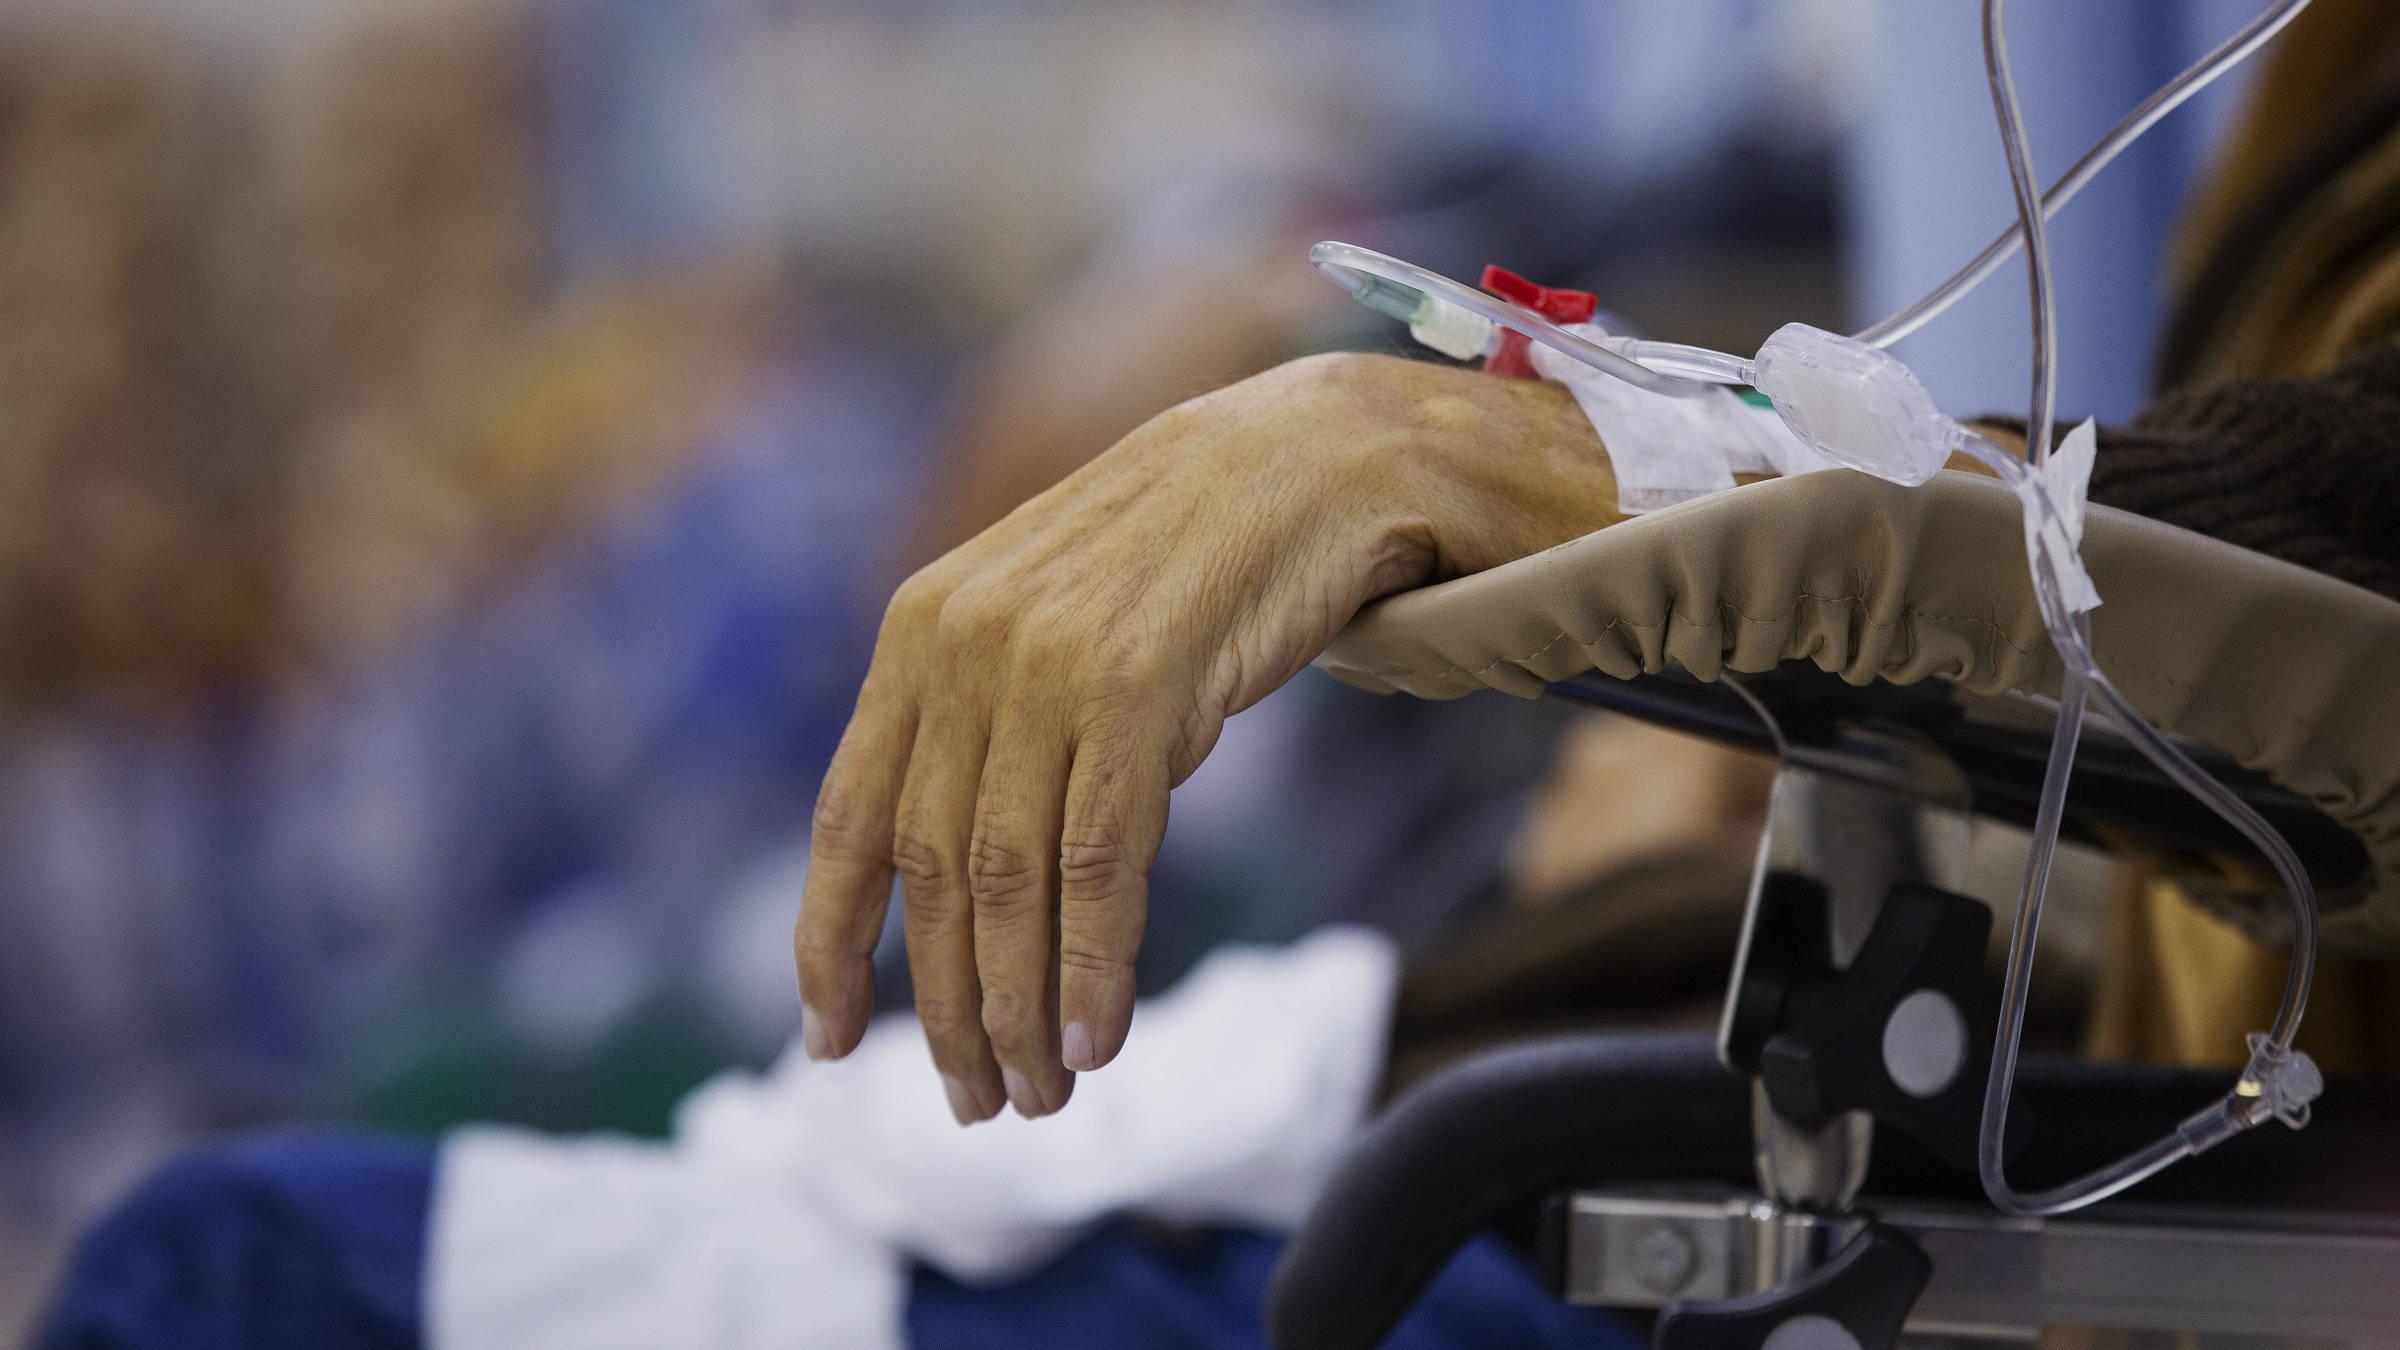 Pacientes com câncer fazem sessão de quimioterapia no Hospital Heliópolis em São Paulo.  Foto: Lalo de Almeida/ Folhapress